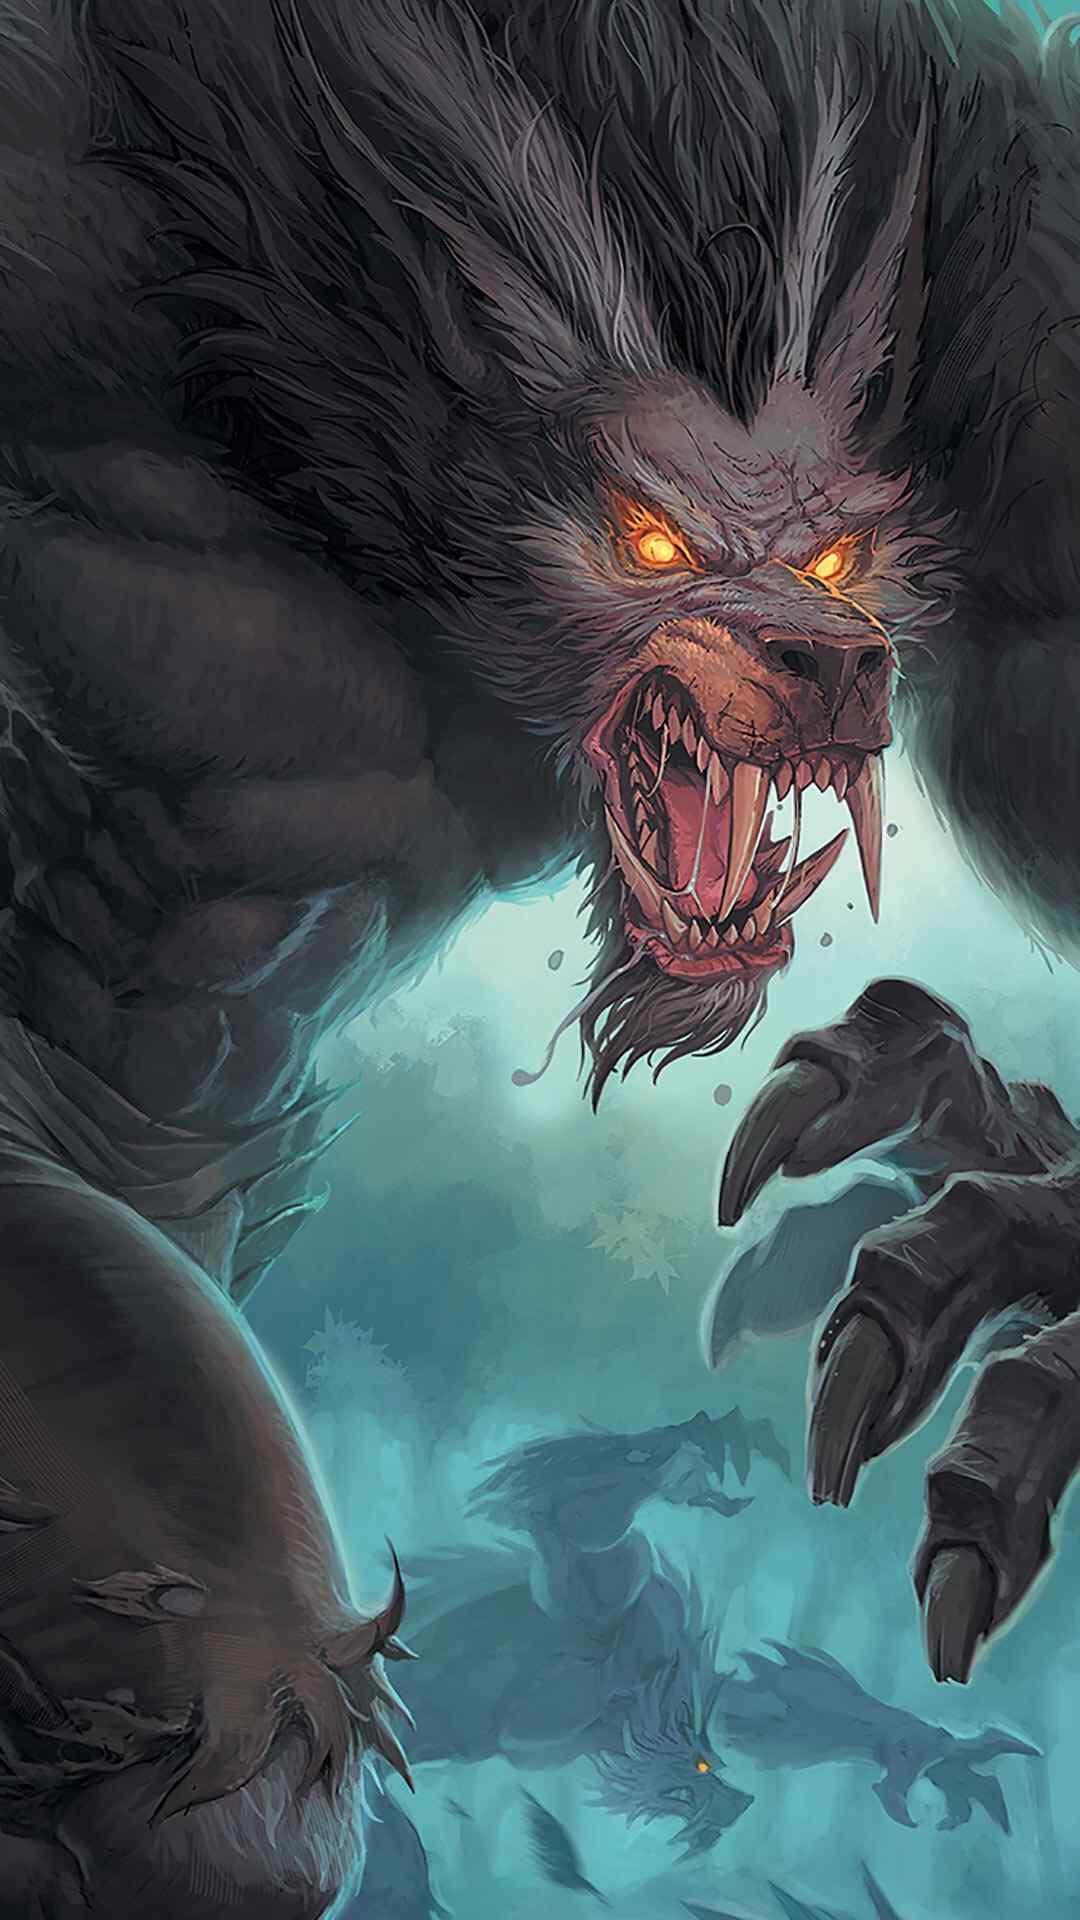 兽世界游戏人物酷炫高清高清手机壁纸图片